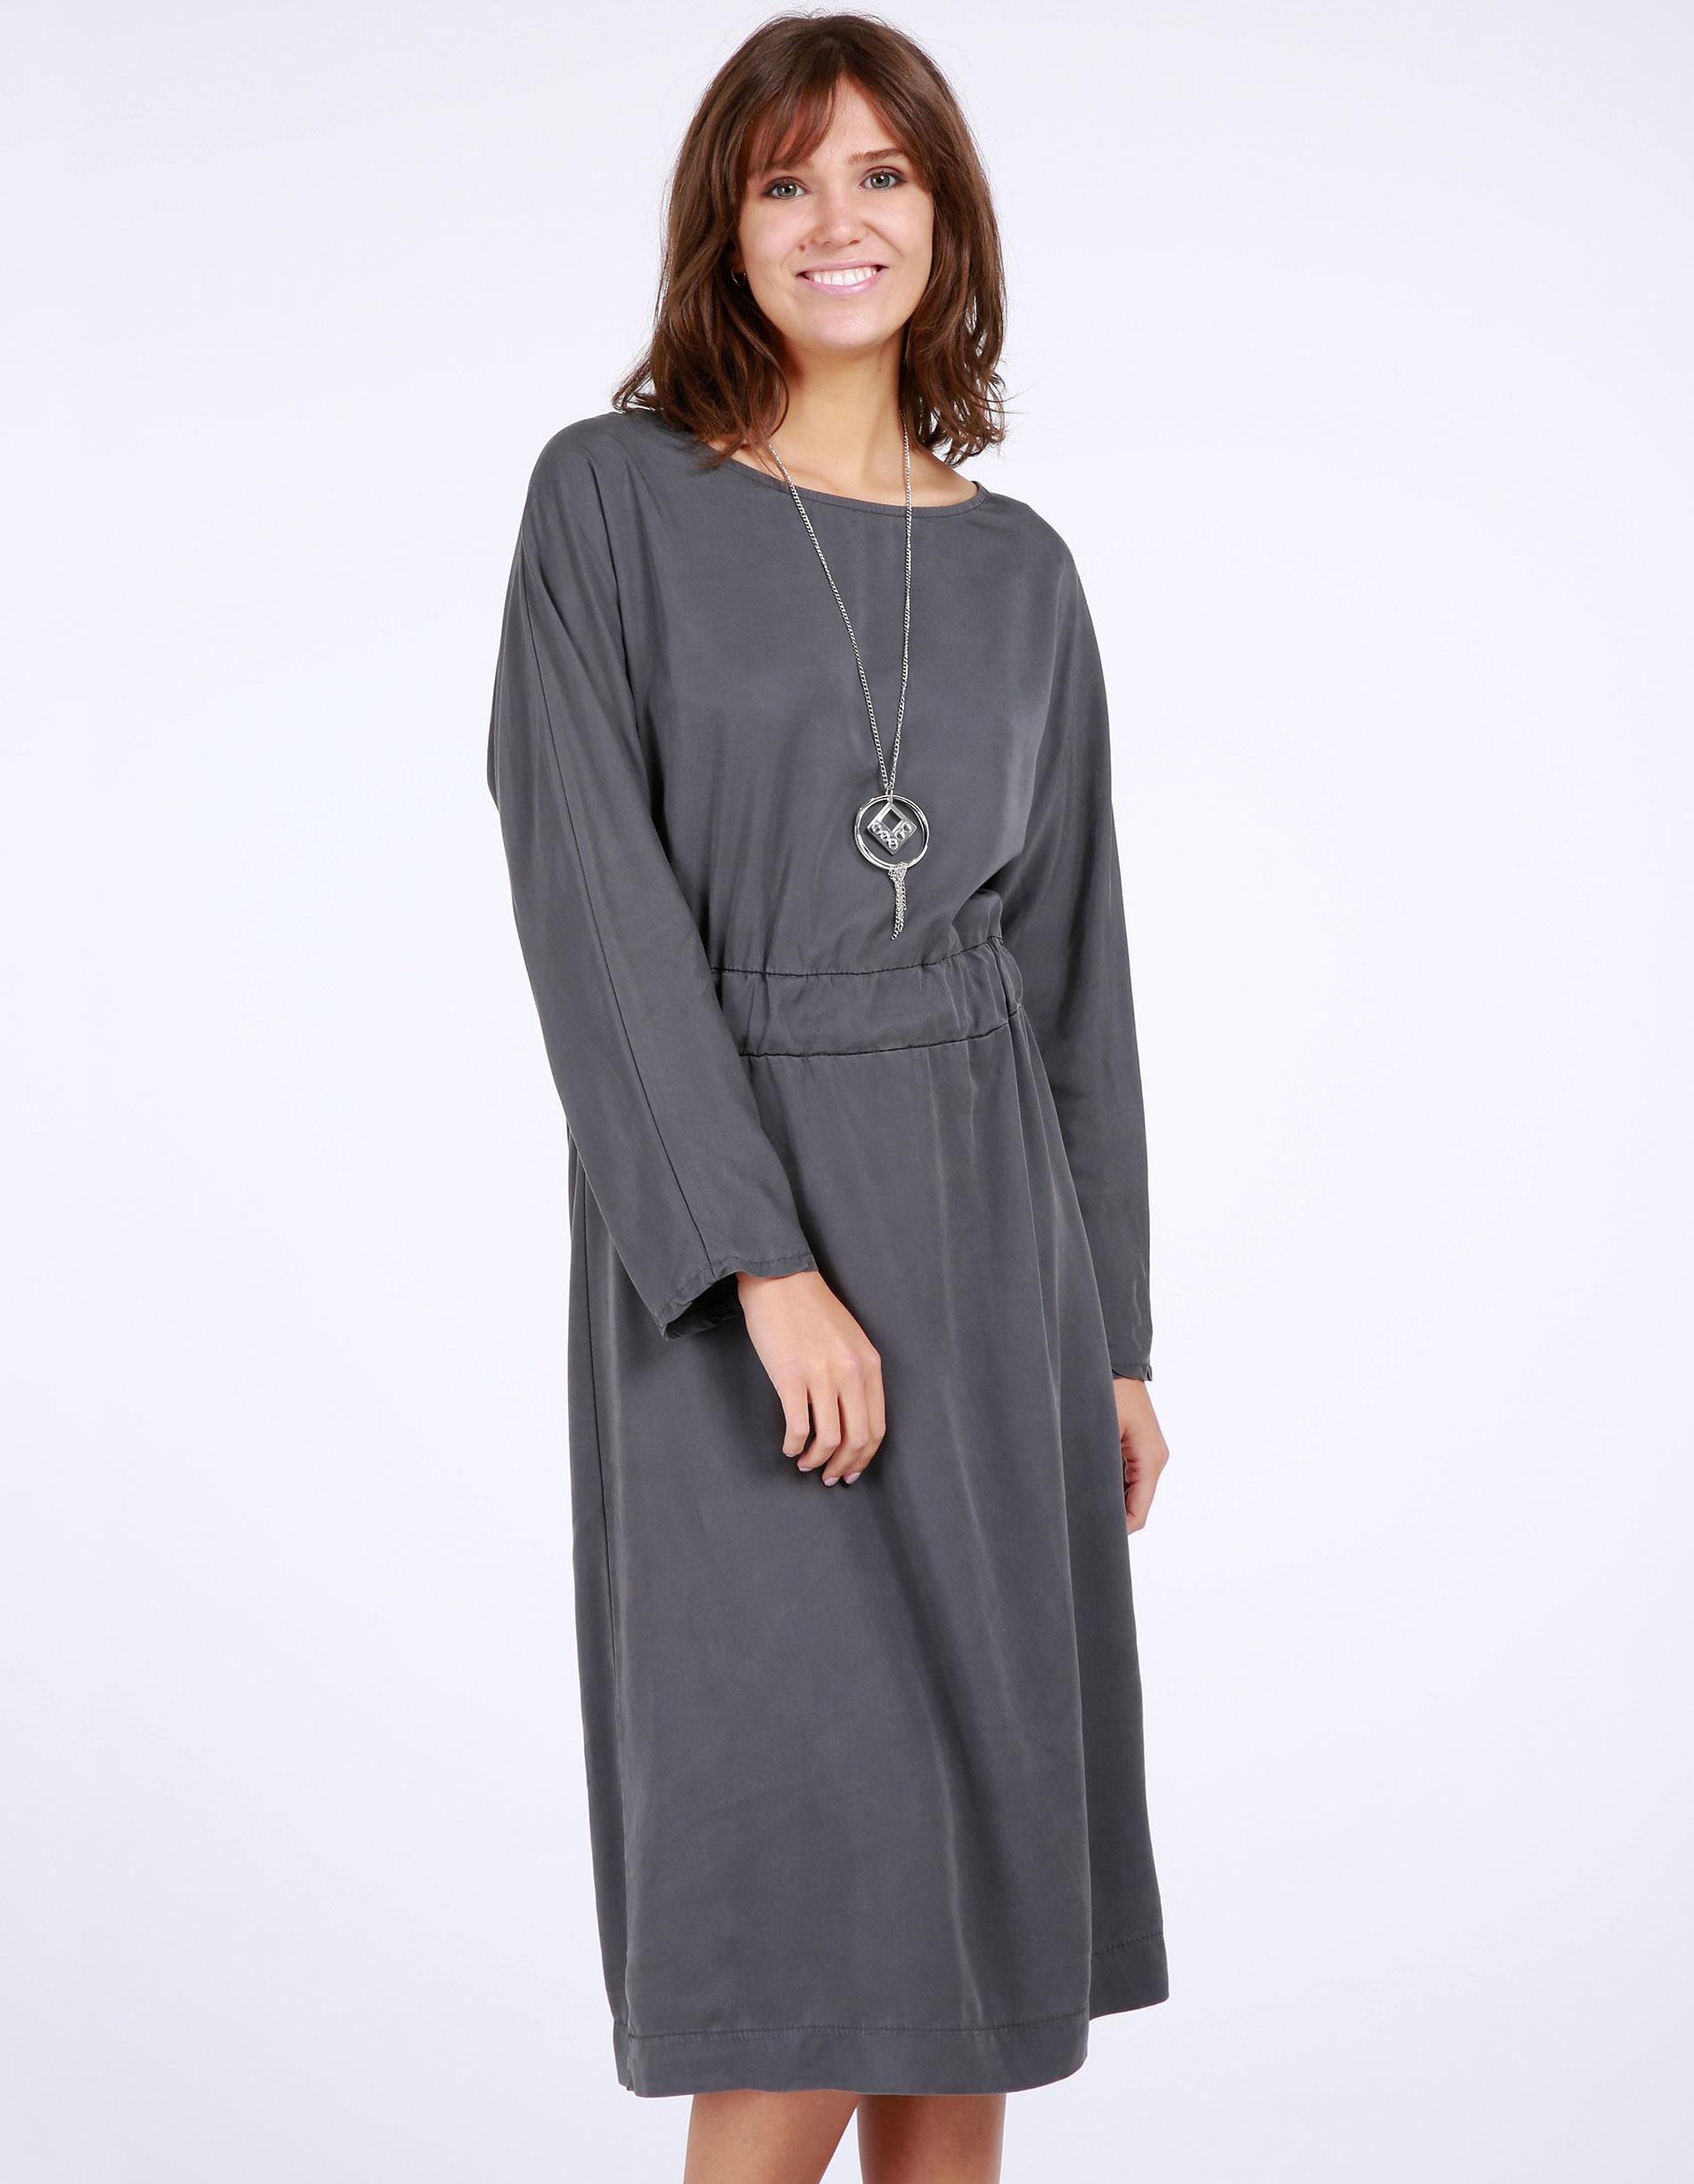 Sukienka - 138-4026 PIOM - Unisono